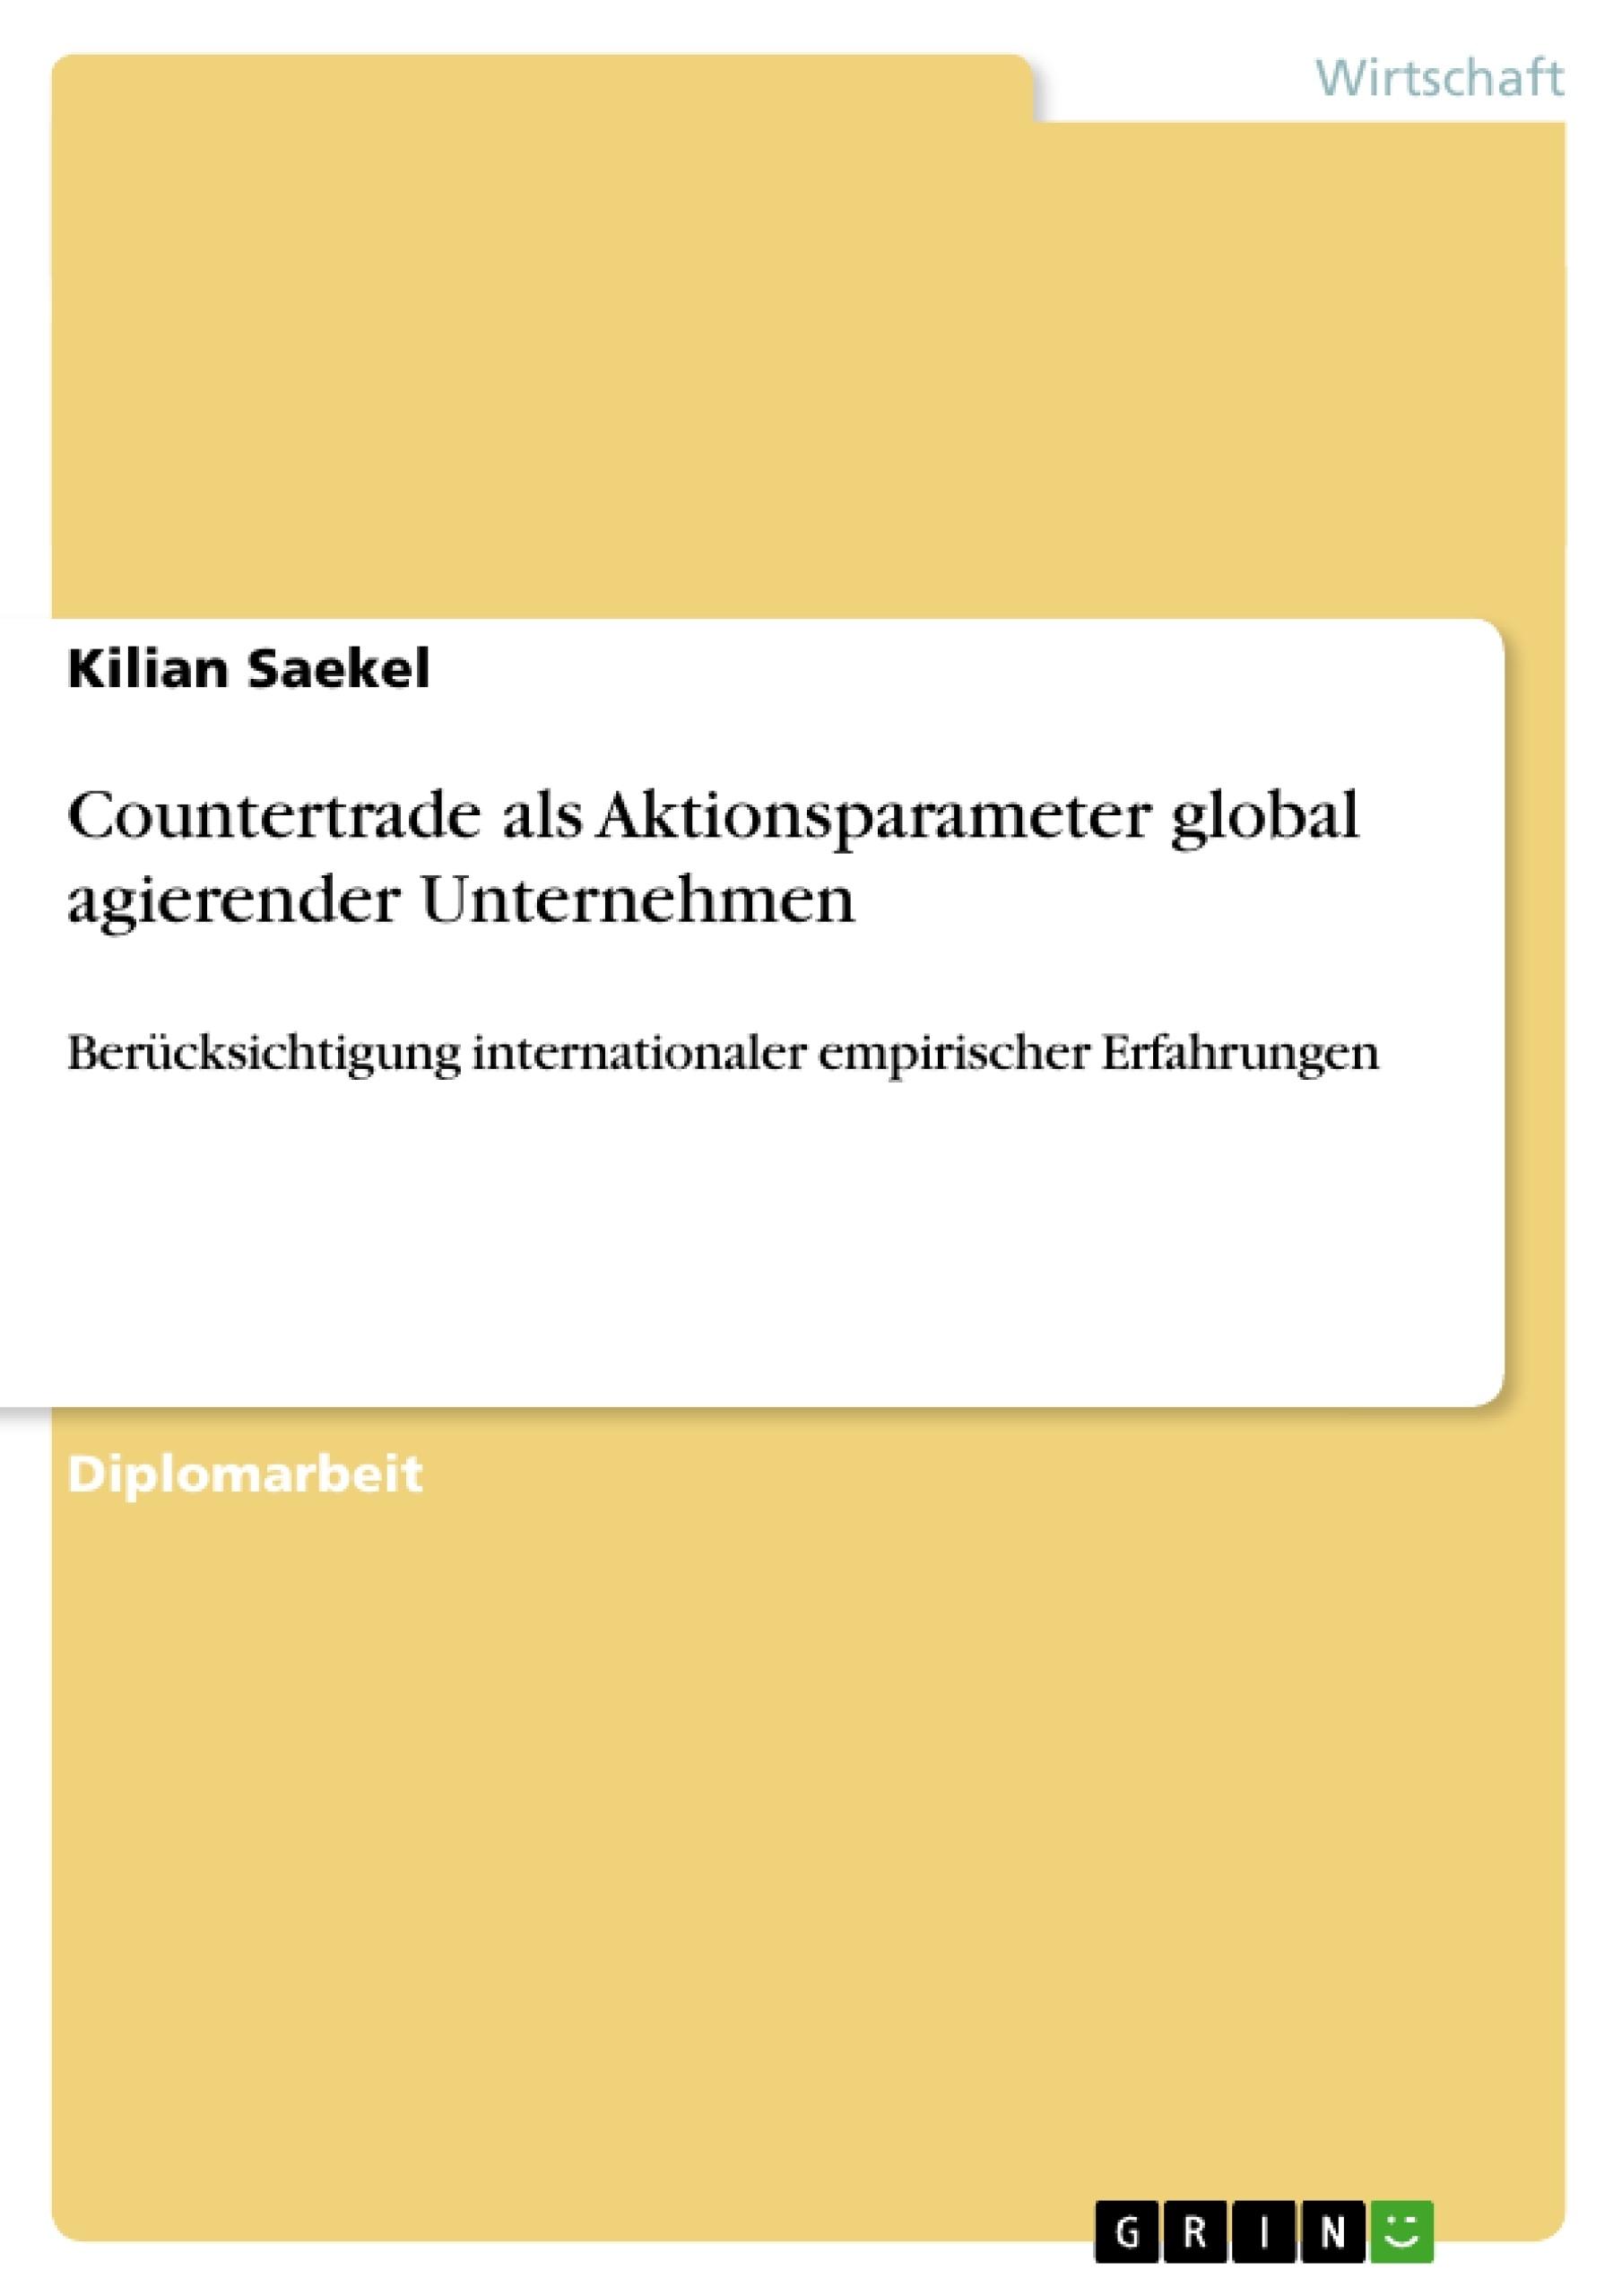 Titel: Countertrade als Aktionsparameter global agierender Unternehmen